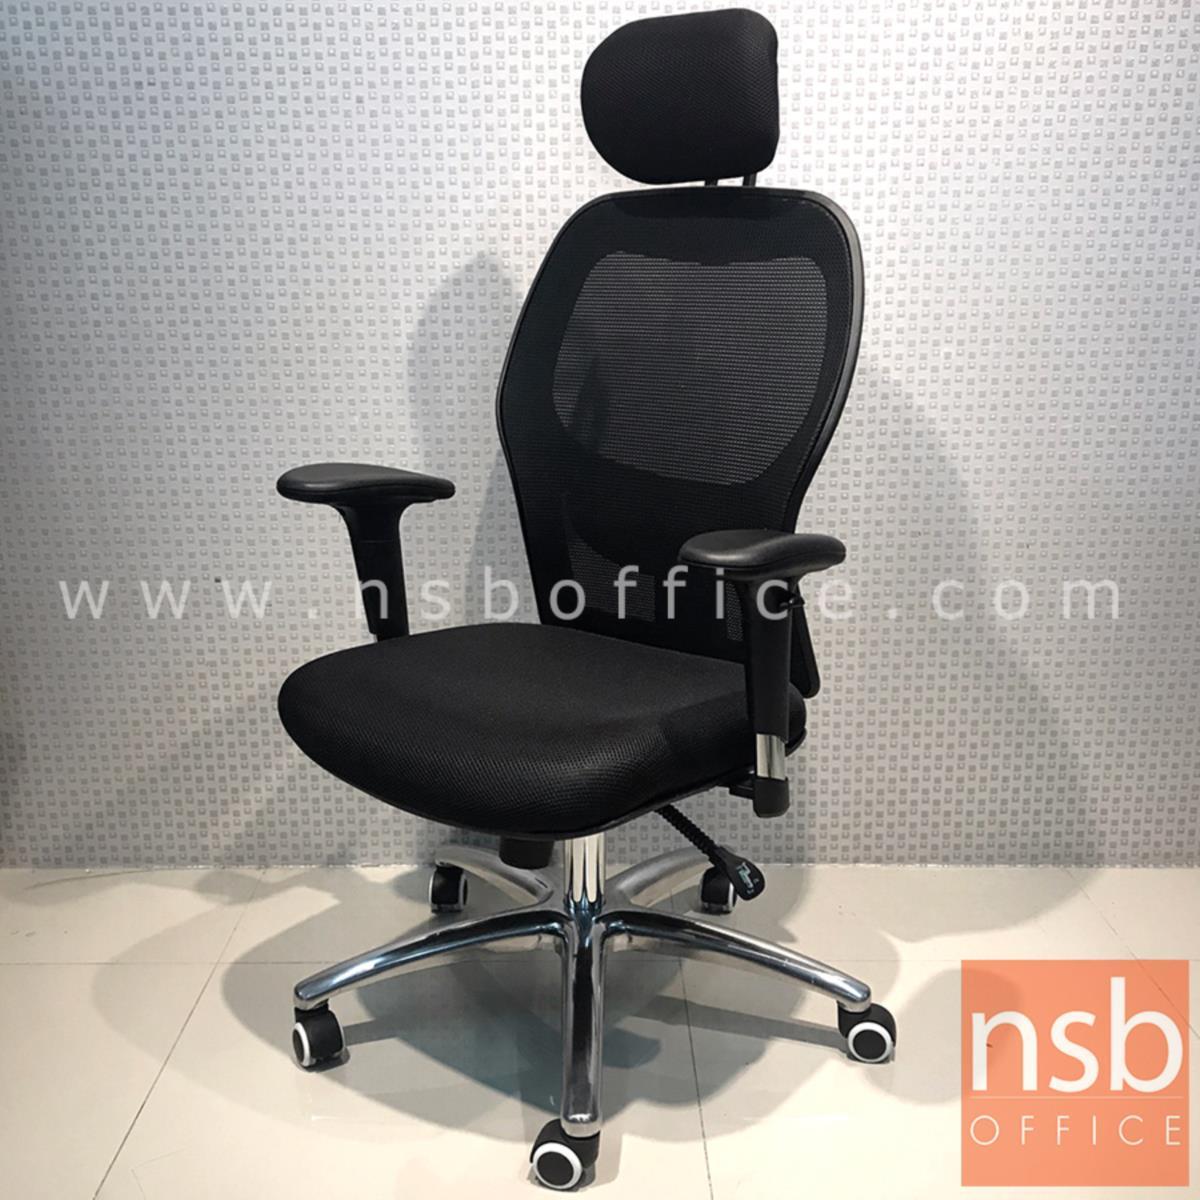 เก้าอี้ผู้บริหารหลังเน็ต รุ่น Mimosa-2 (มิโมซา-2)  โช๊คแก๊ส มีก้อนโยก ขาอลูมิเนียม